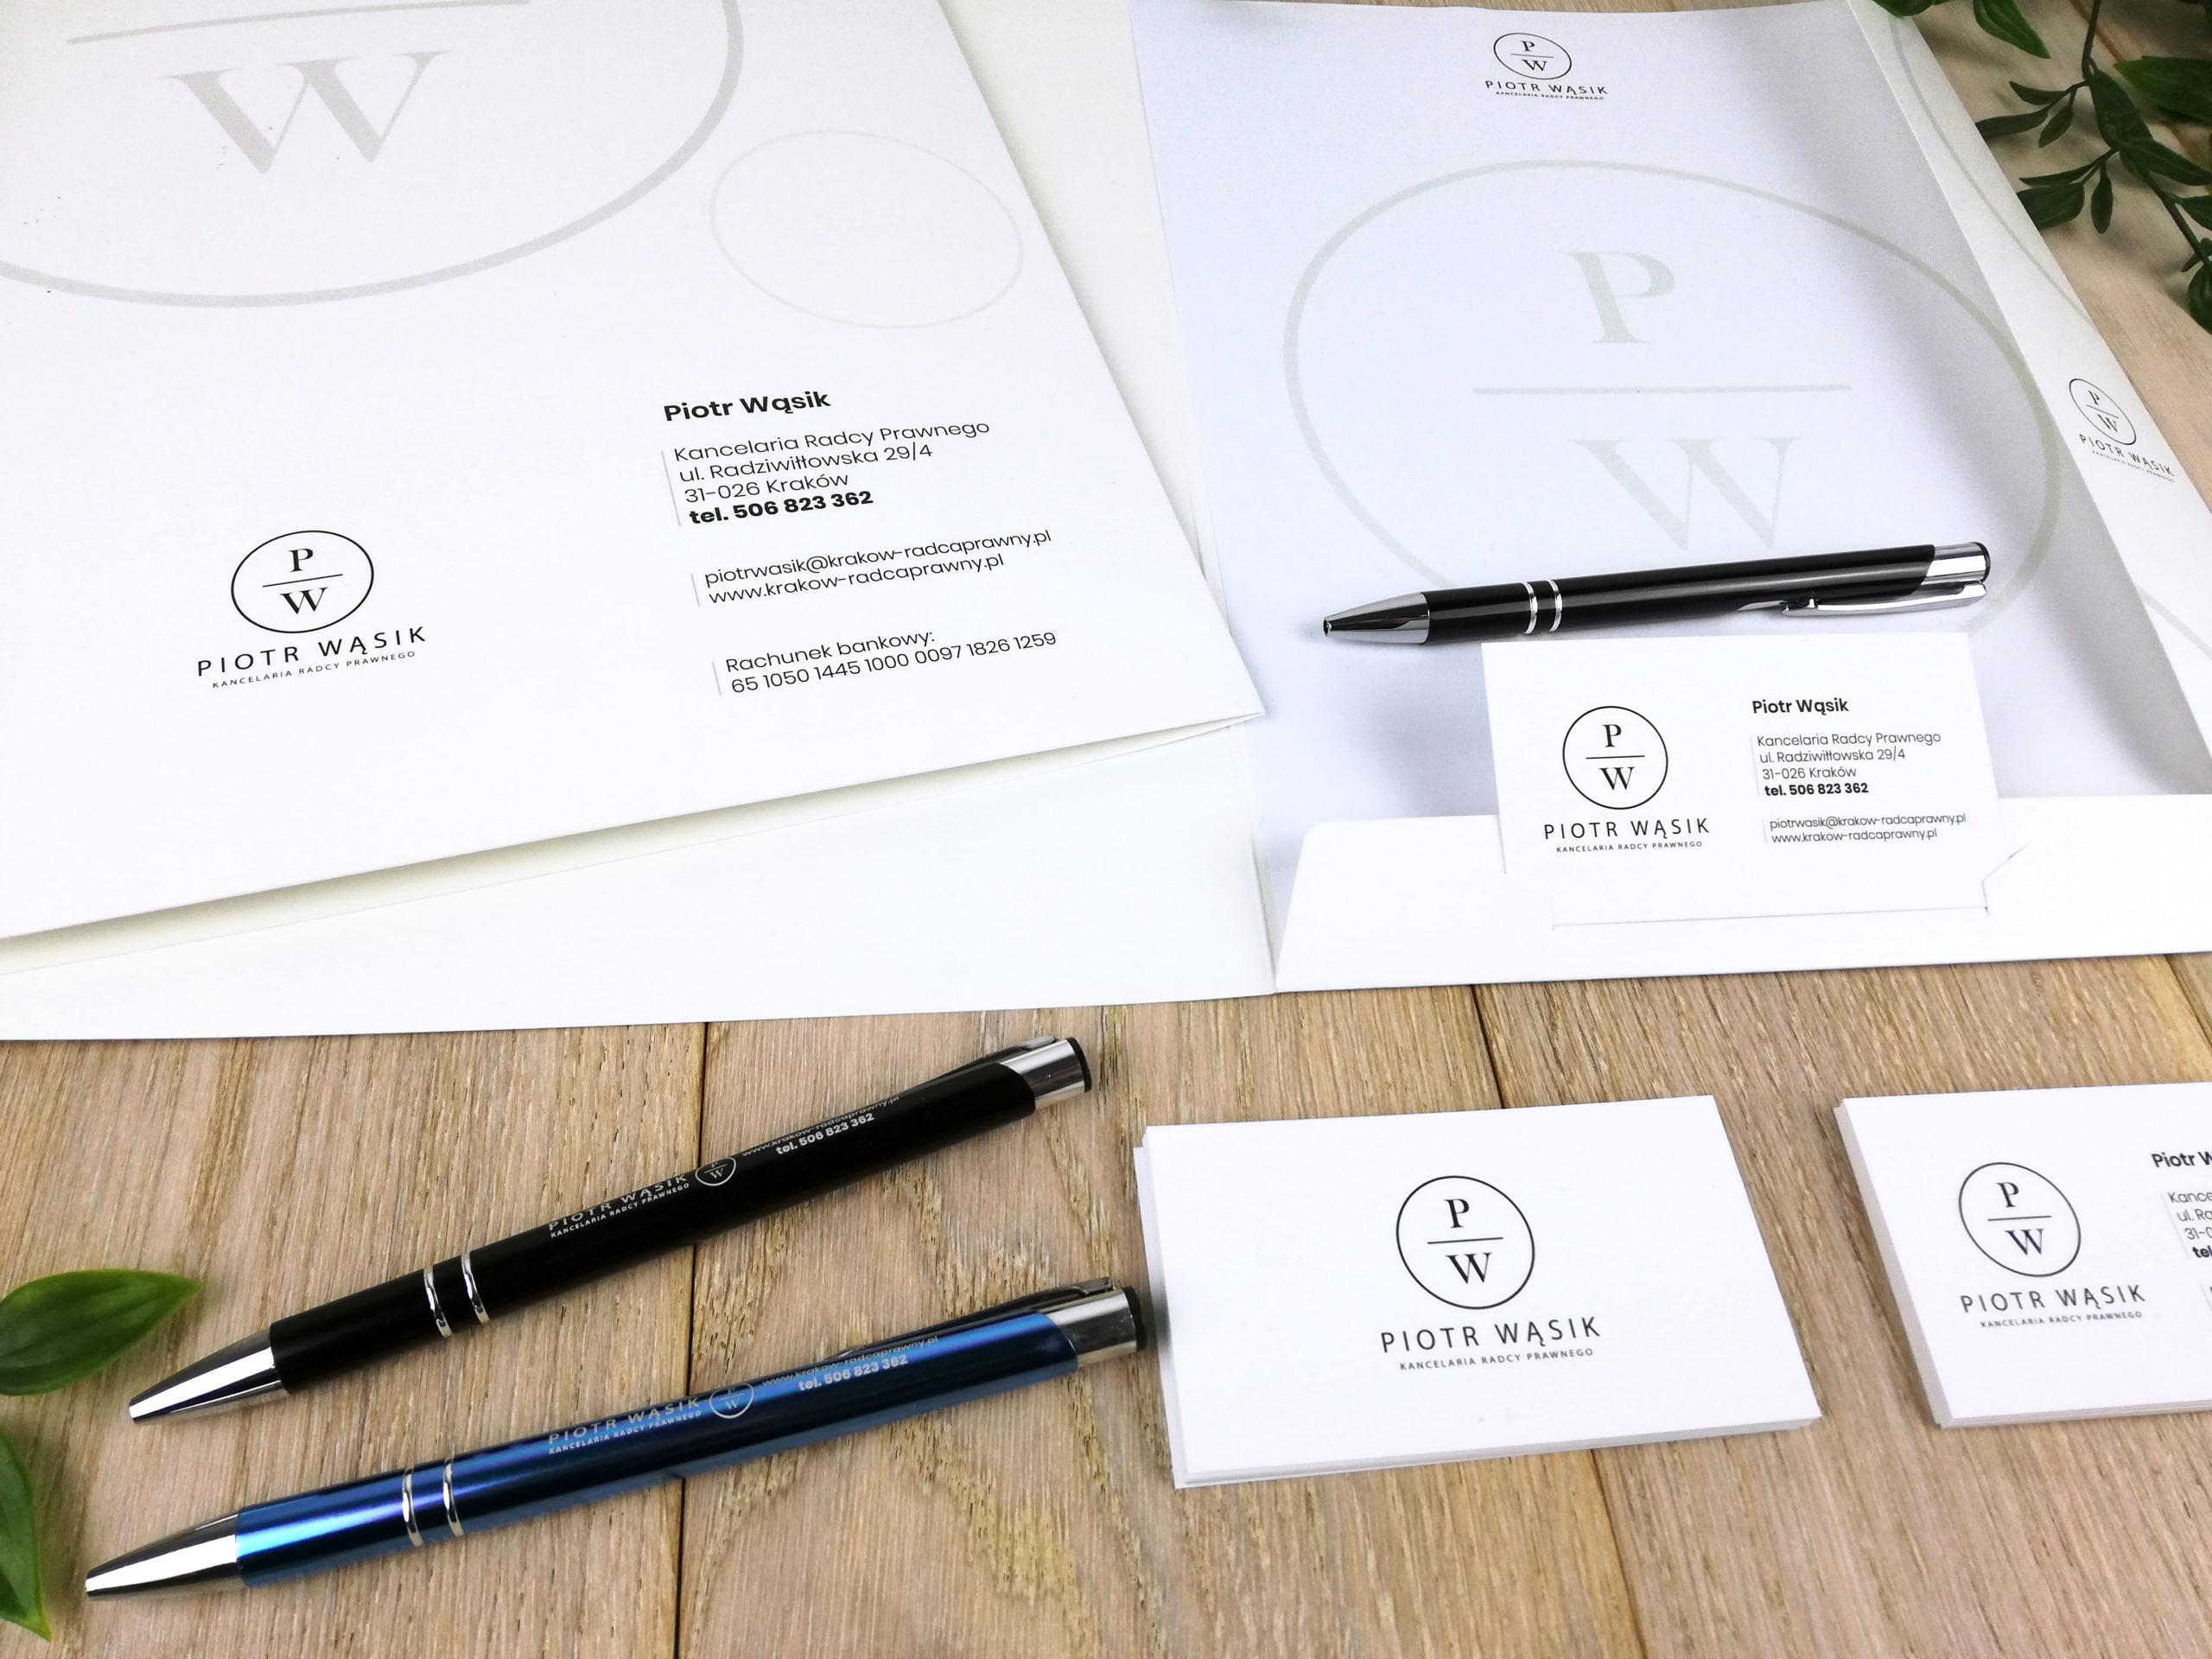 Realizacja reklamy Radca Prawny Piotr Wąsik